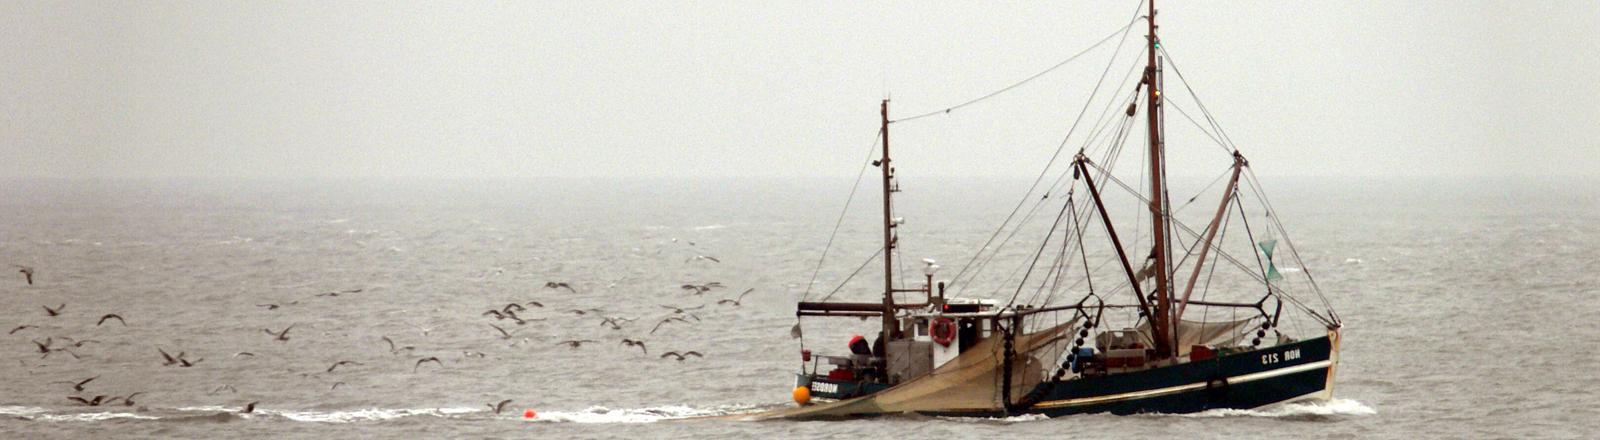 Fischkutter auf der Nordssee